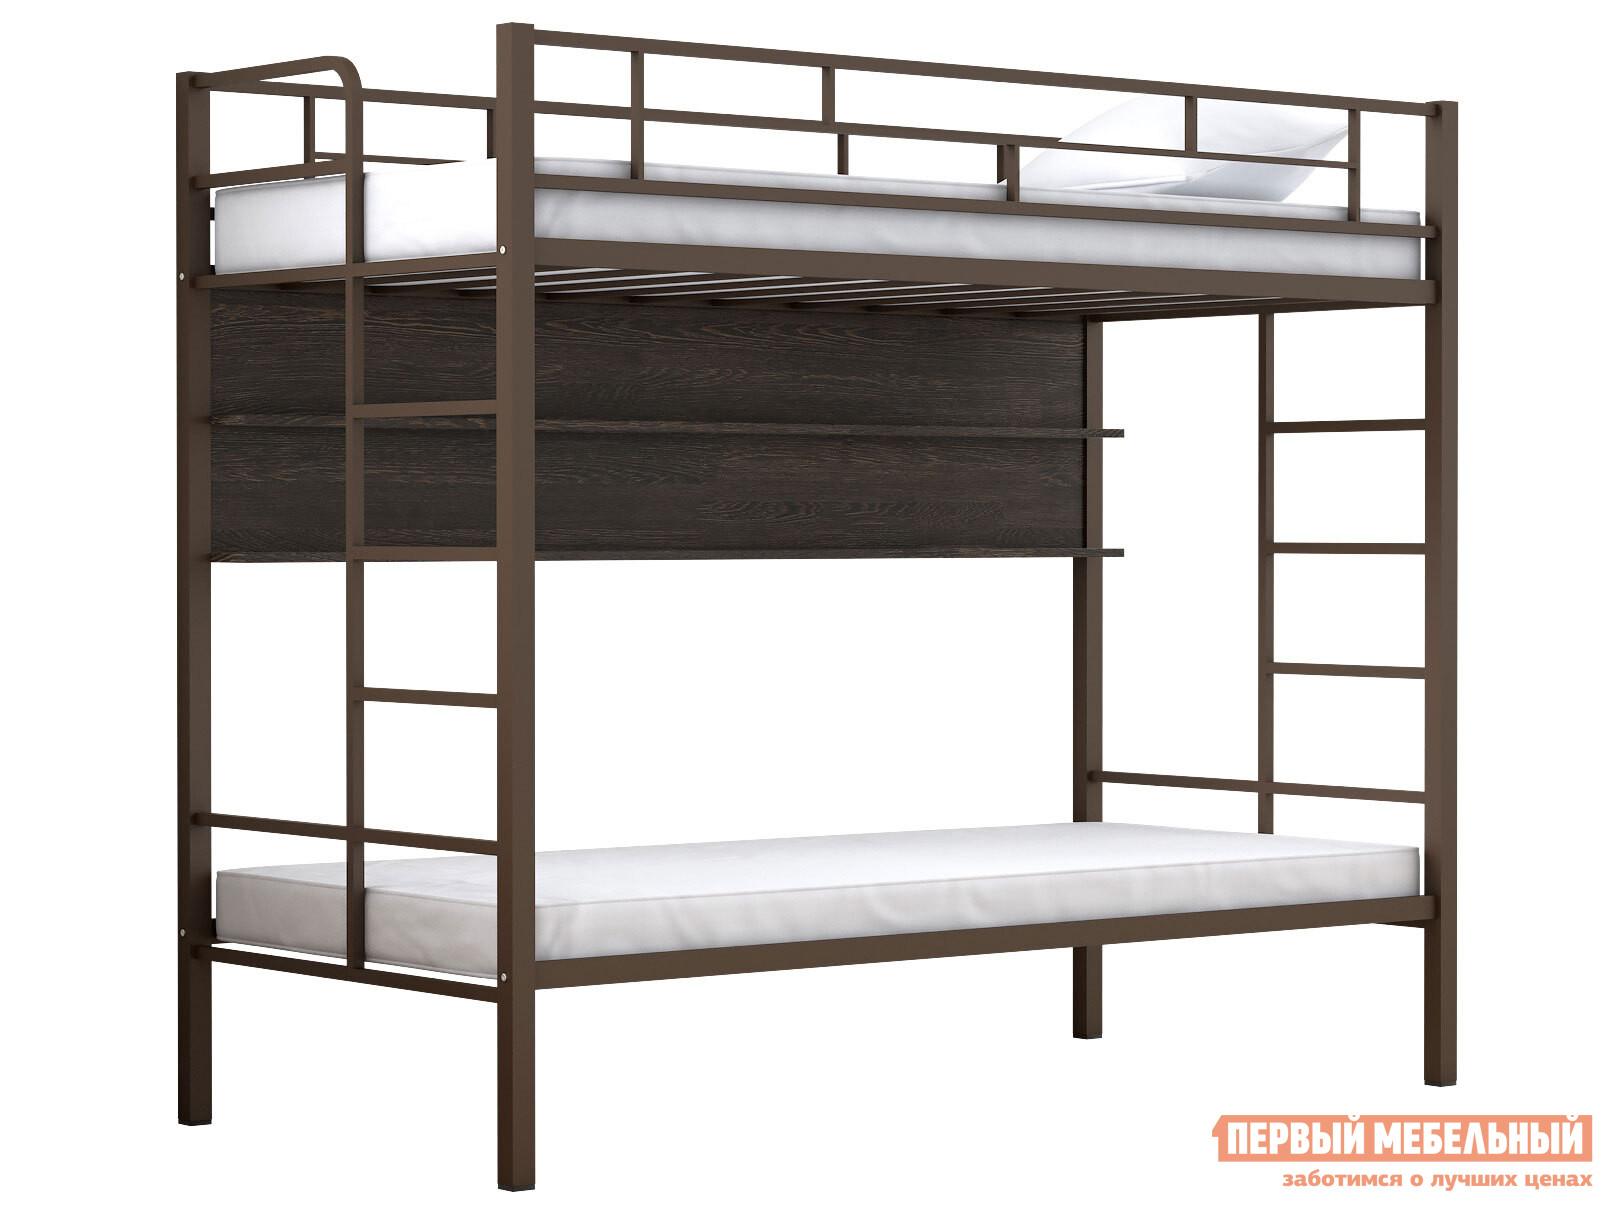 Двухъярусная кровать МФ 4 Сезона Двухъярусная детская кровать Валенсия Твист полка